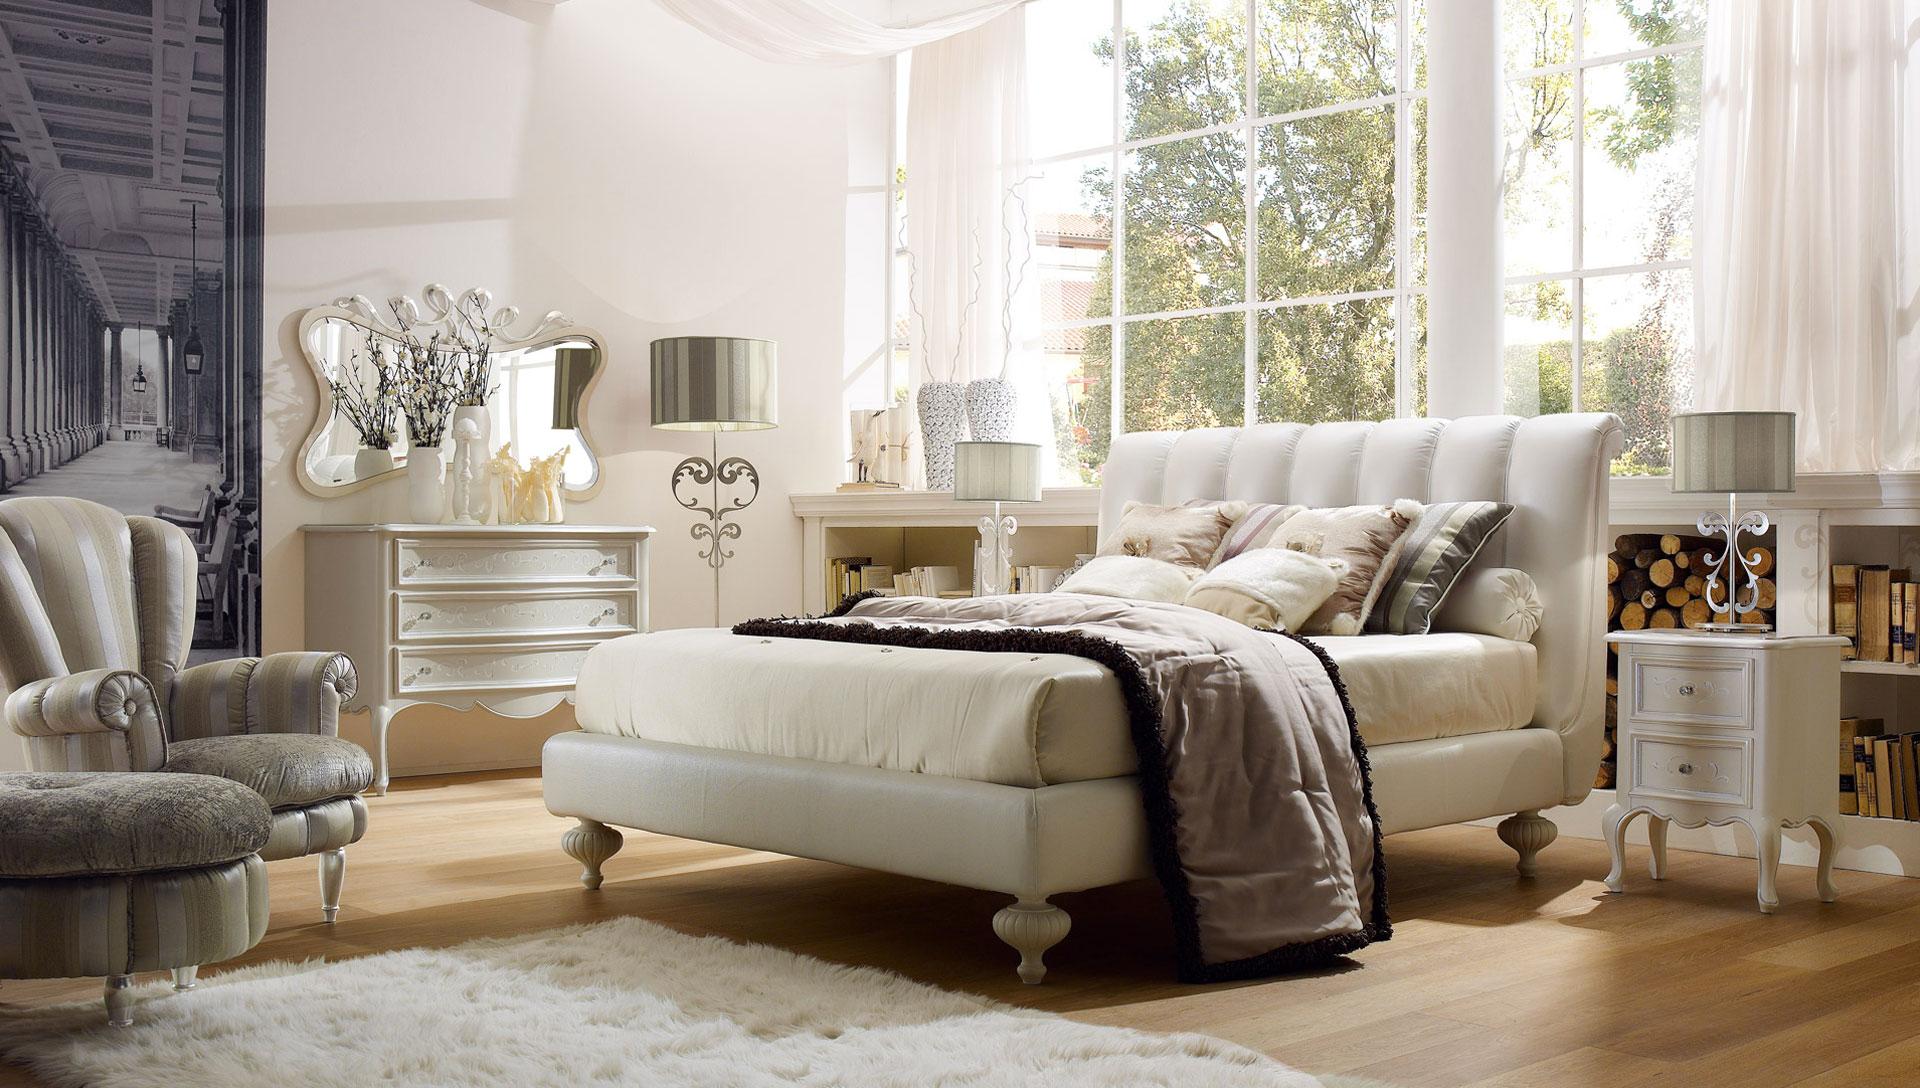 zona-notte-napol-comodus-arredamenti-nicoletti-interni-interior-design-divani-complementi-arredo-mobili-design-accessori-matera